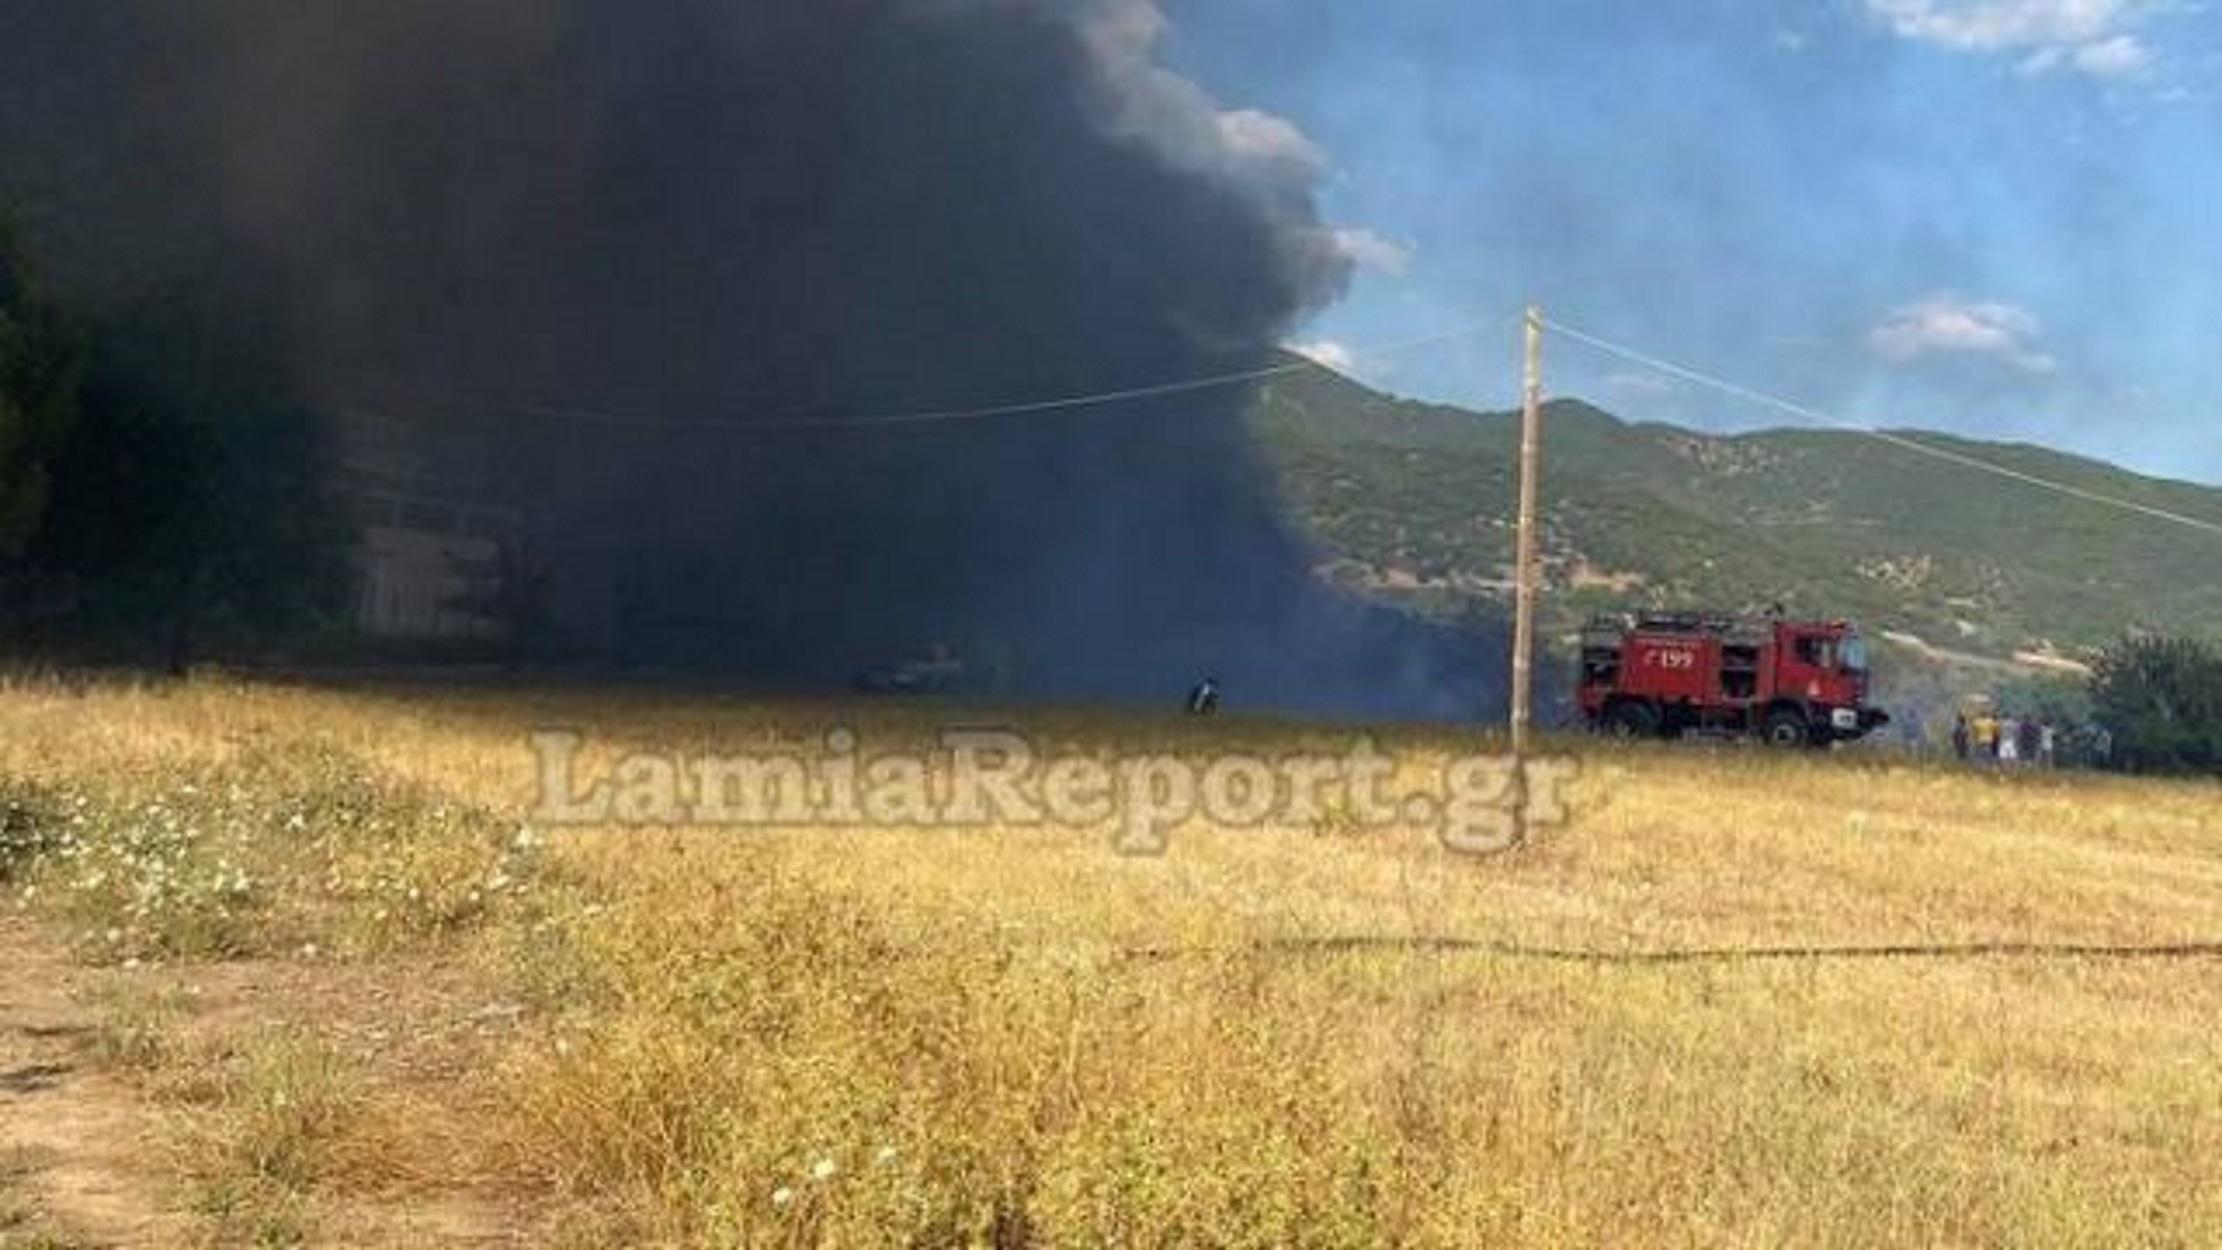 Φωτιά στη Φθιώτιδα: Σκοτείνιασε ο ουρανός στο Παλιούρι Μακρακώμης (pics)